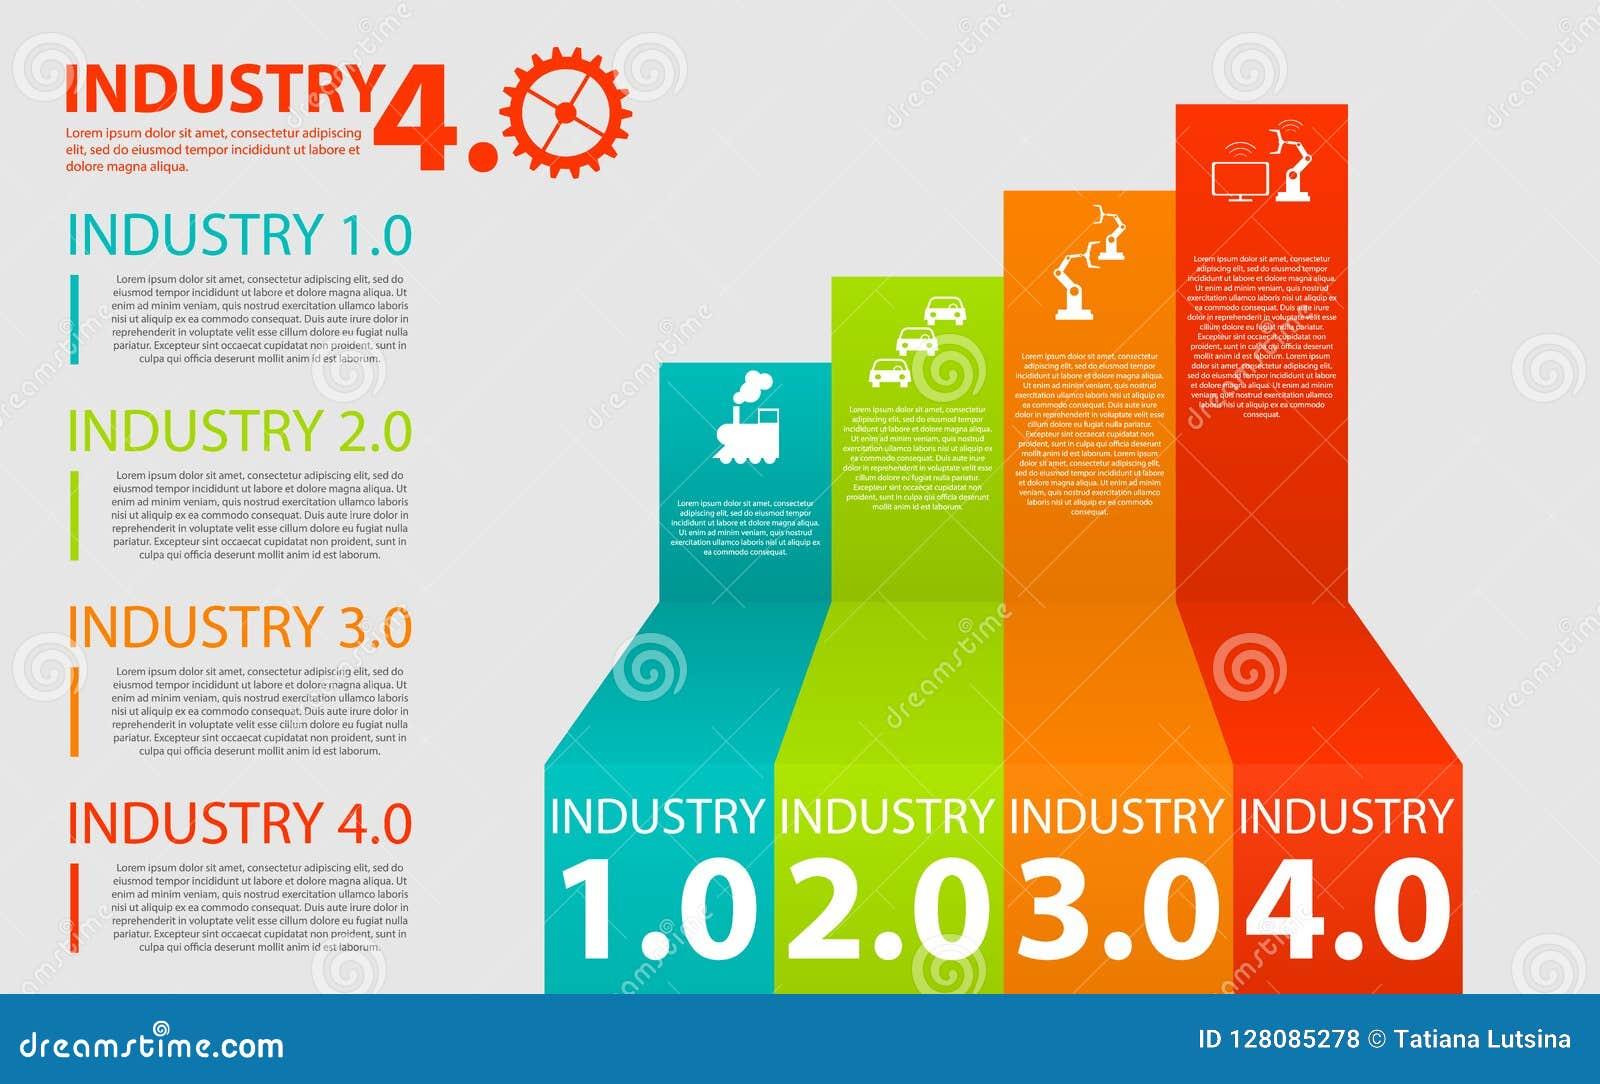 Φυσικά συστήματα, σύννεφο που υπολογίζουν, γνωστική υπολογίζοντας βιομηχανία 4 0 infographic Βιομηχανική Διαδίκτυο ή βιομηχανία 4